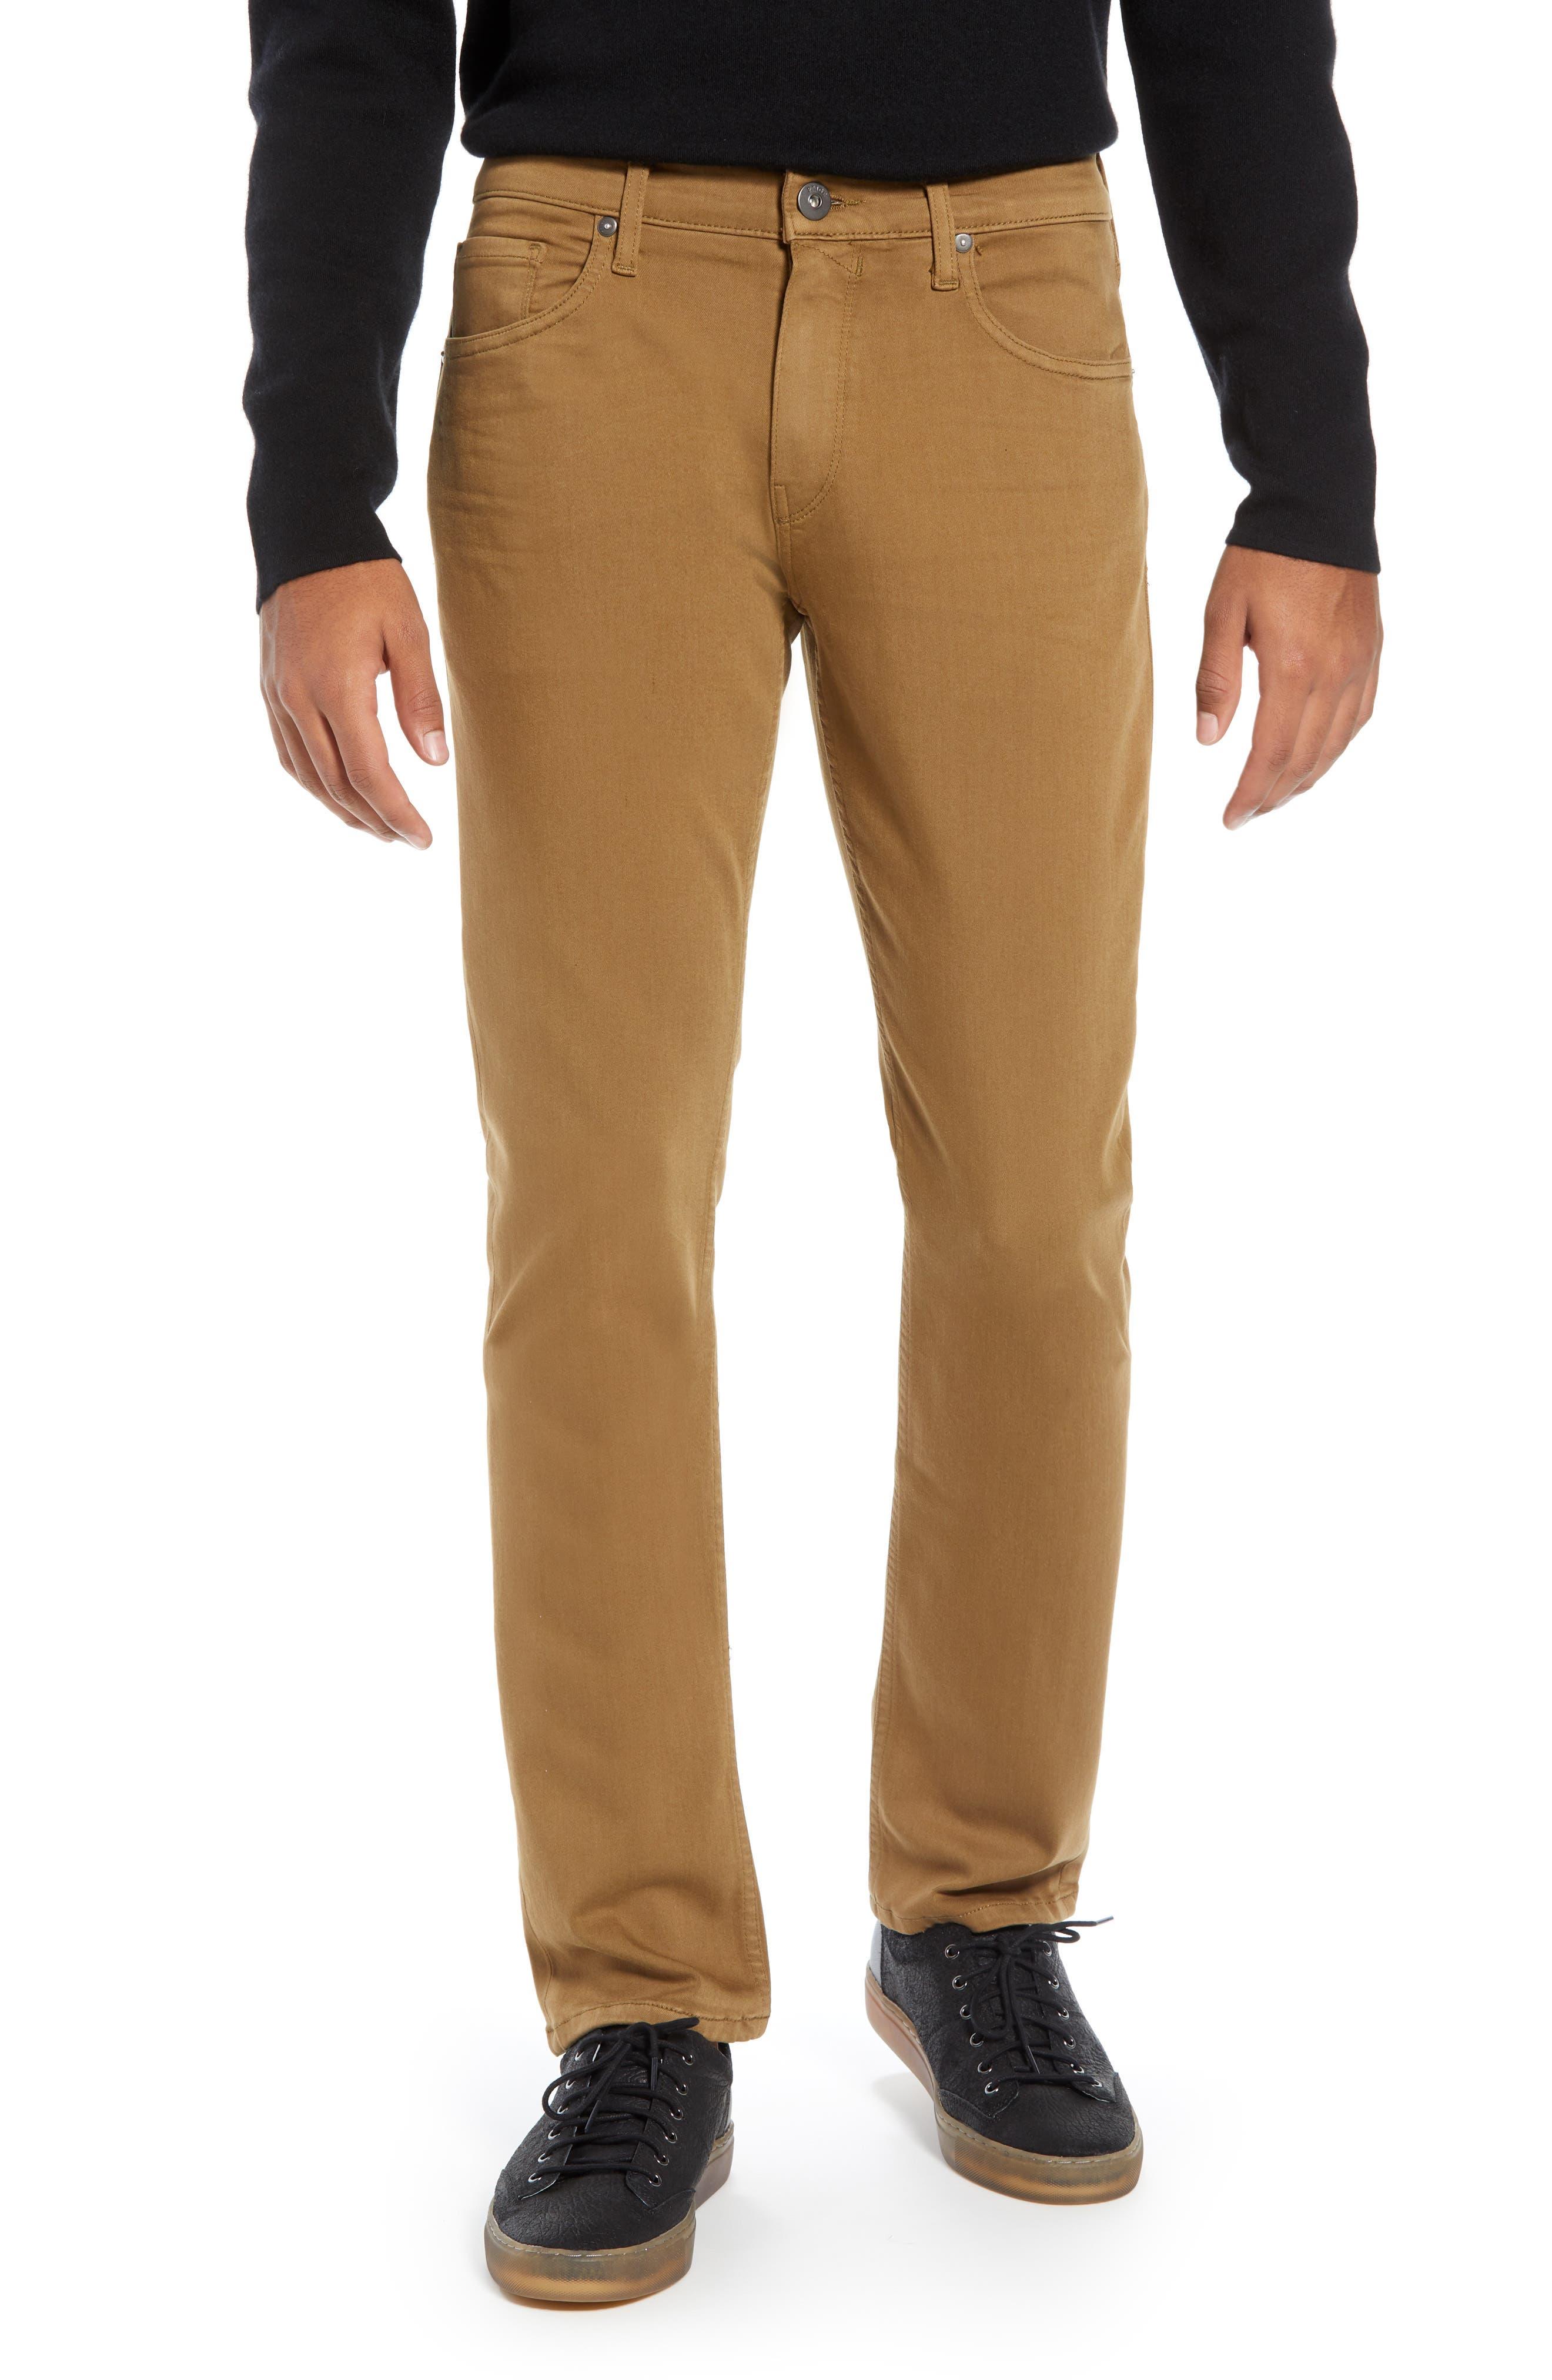 PAIGE, Transcend - Federal Slim Straight Leg Jeans, Main thumbnail 1, color, LAUREL TAN